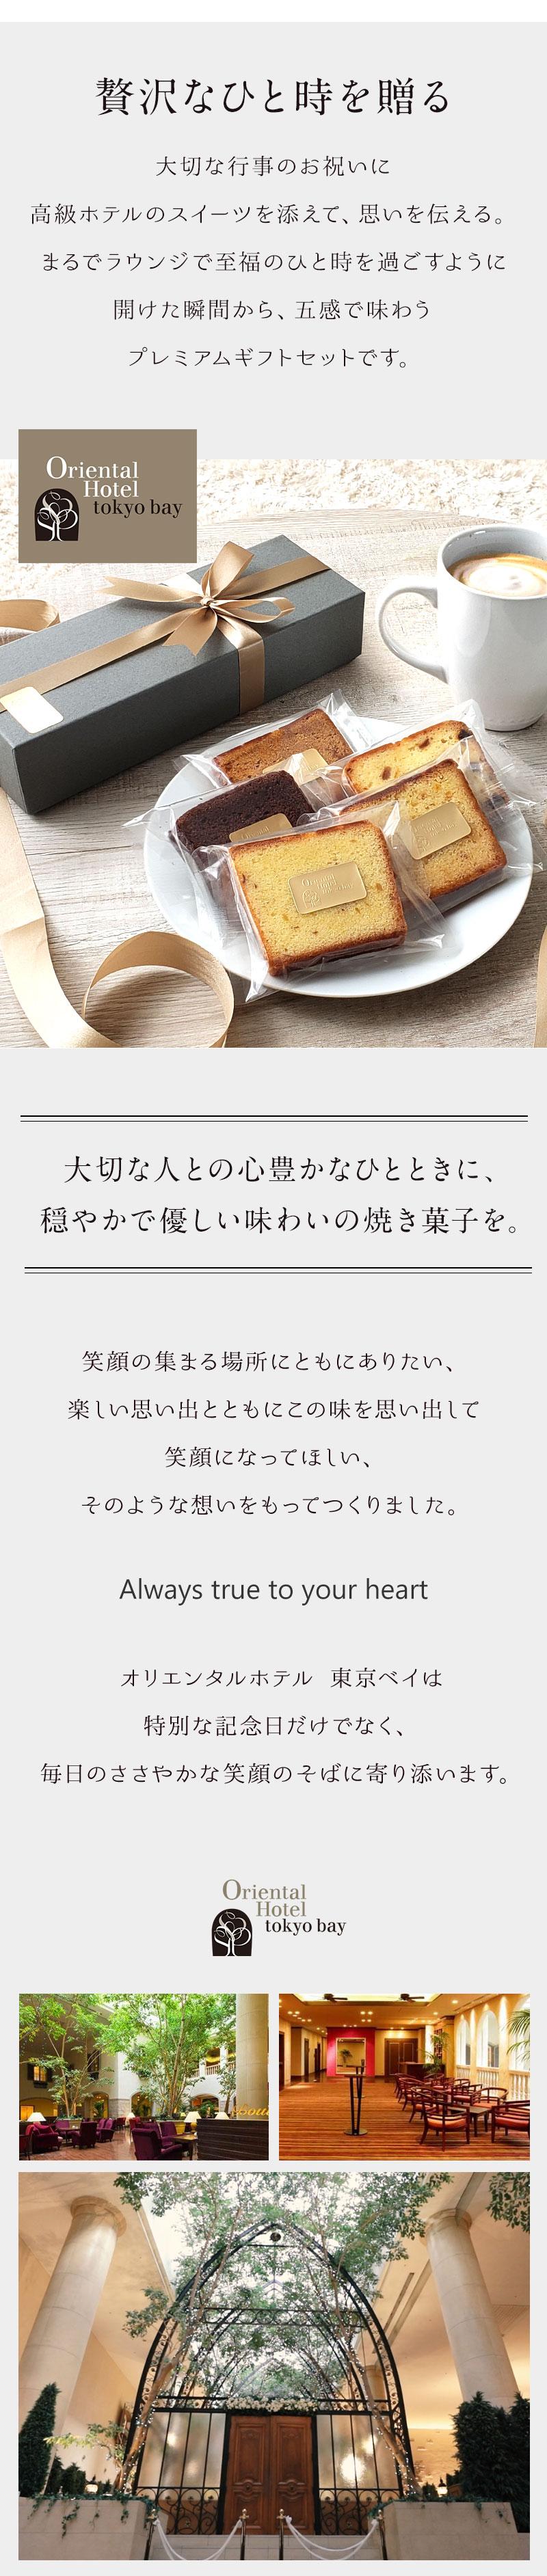 オリエンタルホテル 東京ベイ コラボ ホテルスイーツ 母の日 ギフト